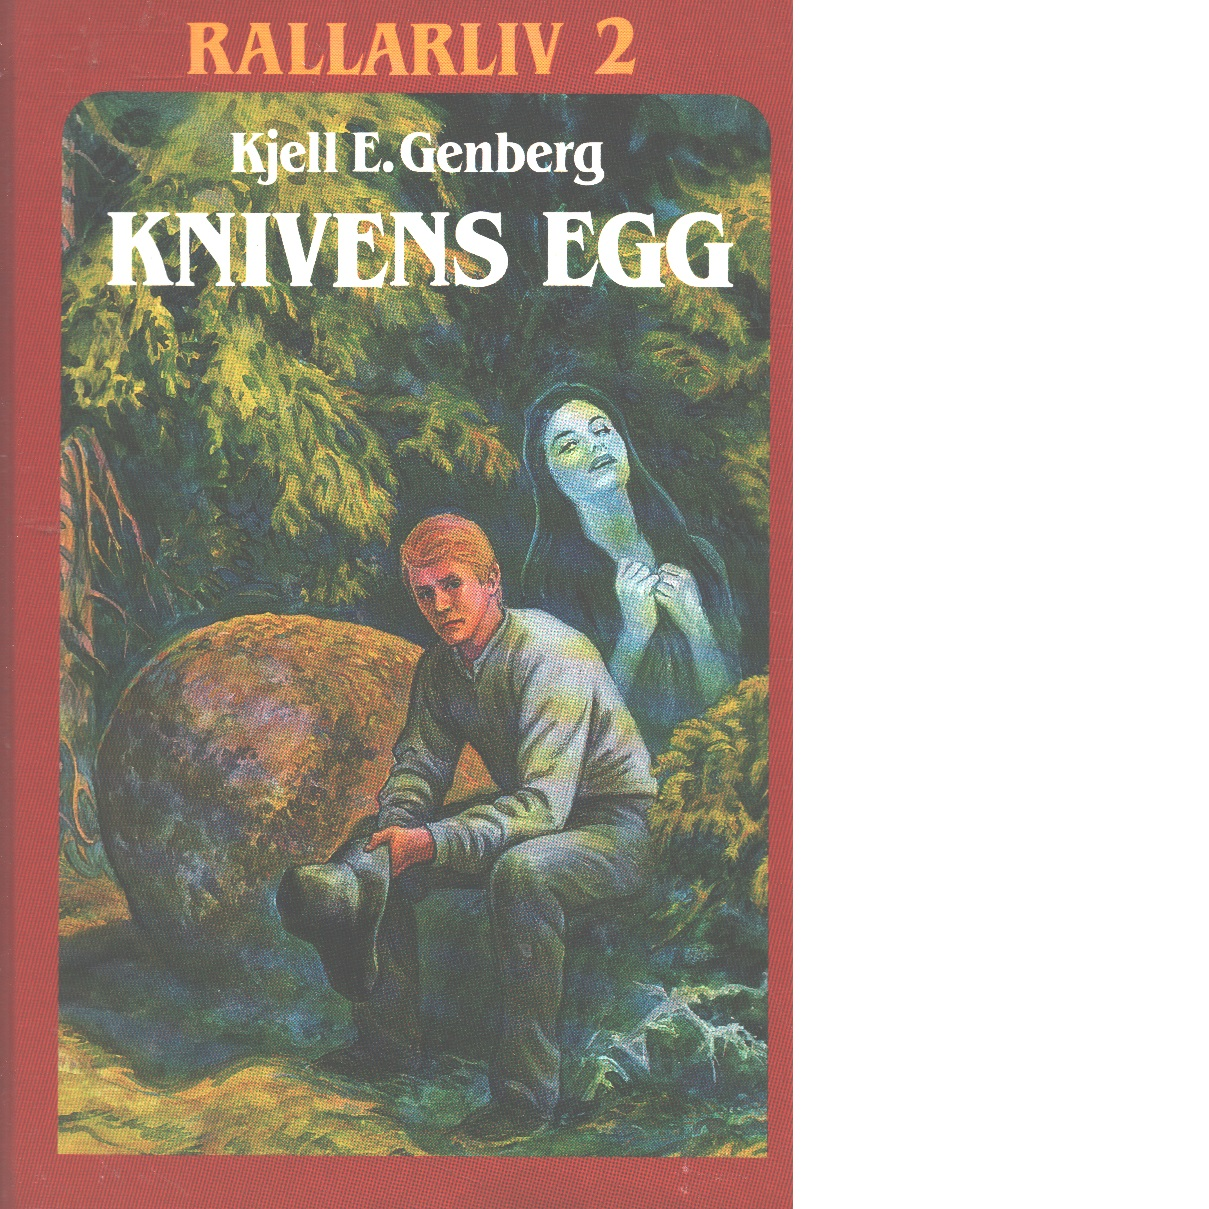 Rallarliv 2 : Knivens egg - Genberg, Kjell E.